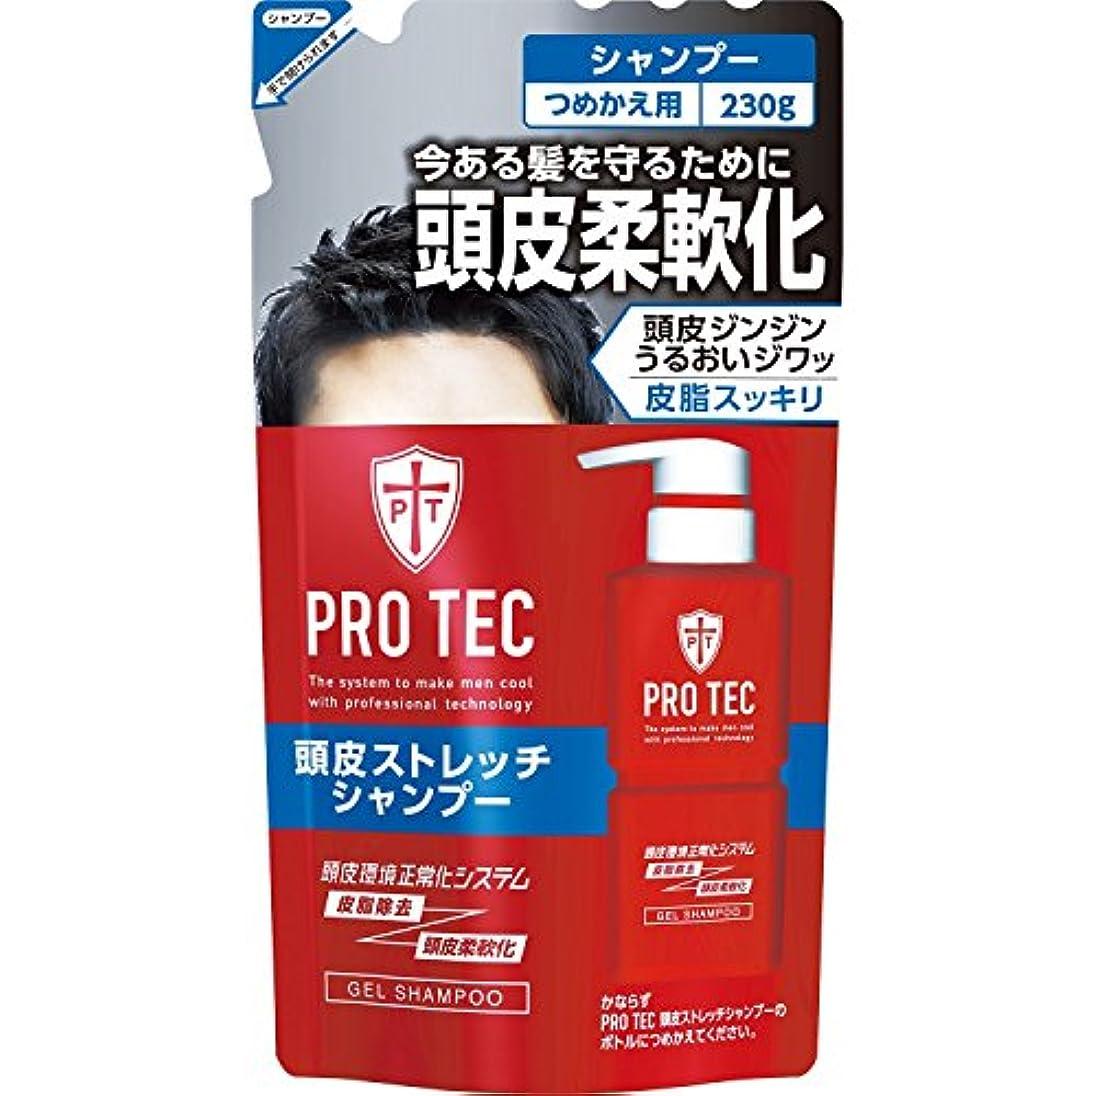 魅力的であることへのアピール花覆すPRO TEC(プロテク) 頭皮ストレッチシャンプー つめかえ用 230g (医薬部外品) ×10個セット